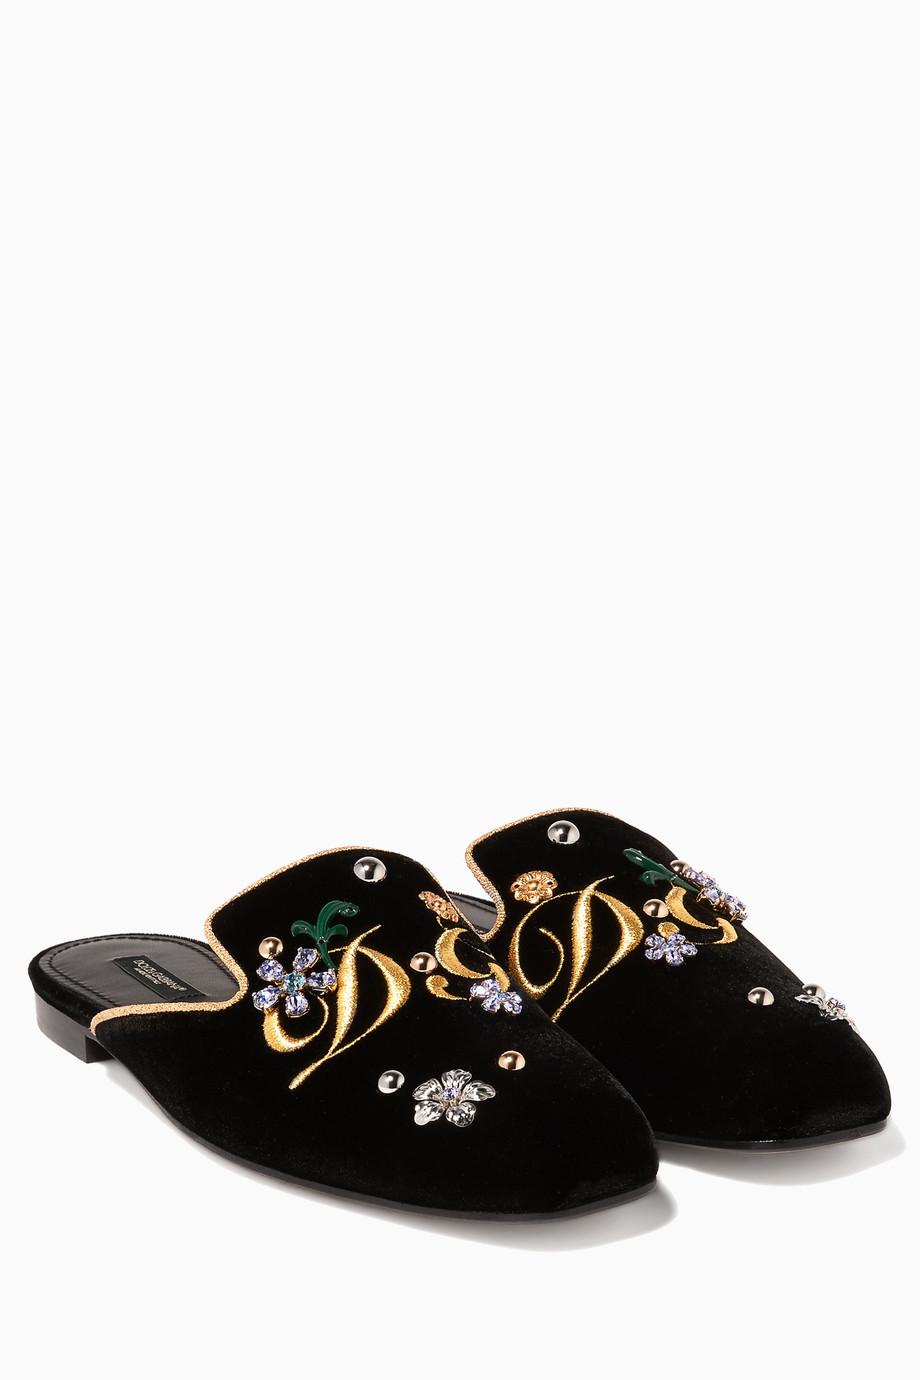 6dcaae30df6c1 تسوق حذاء مفتوح جاكي مخمل مزخرف أسود Dolce   Gabbana أسود للنساء ...